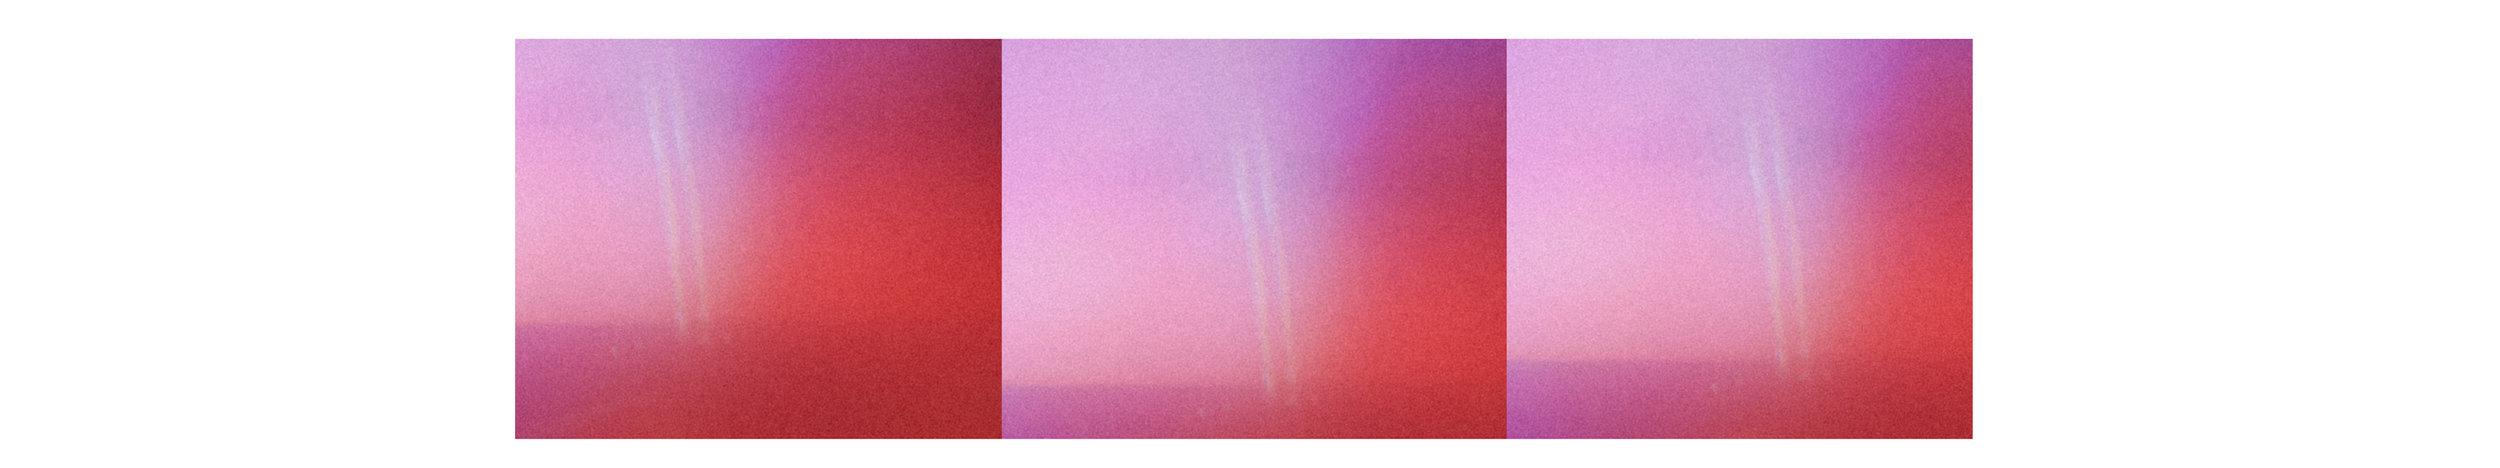 MaisonKitsune-FW18-DreamAmplifier-JocelynTam-06.jpg